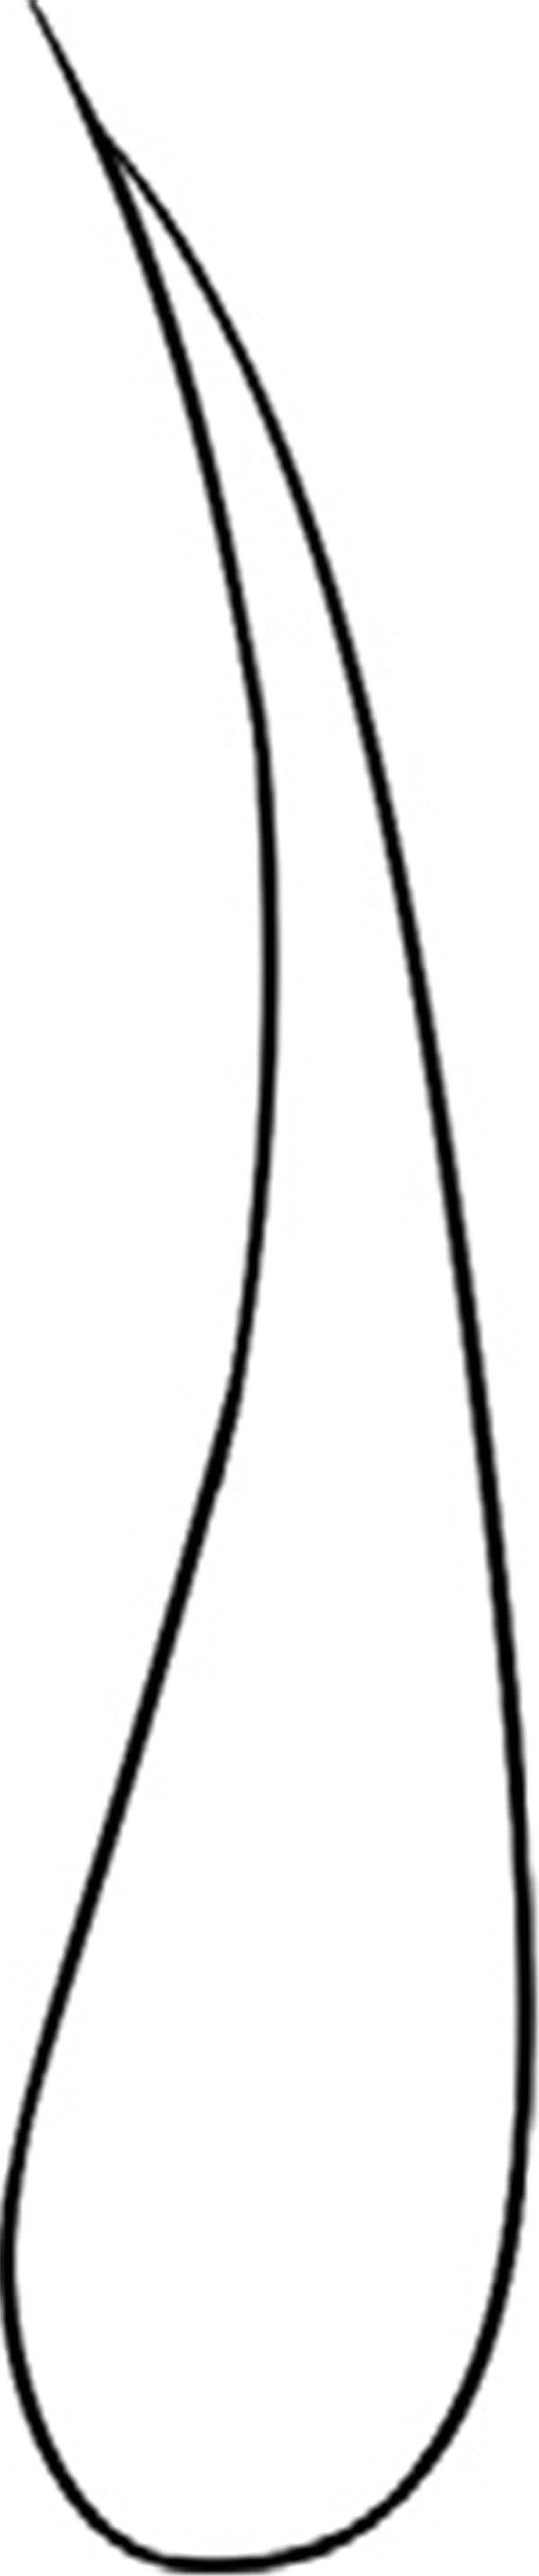 趣味简笔画:刺鼻的葱绘画步骤